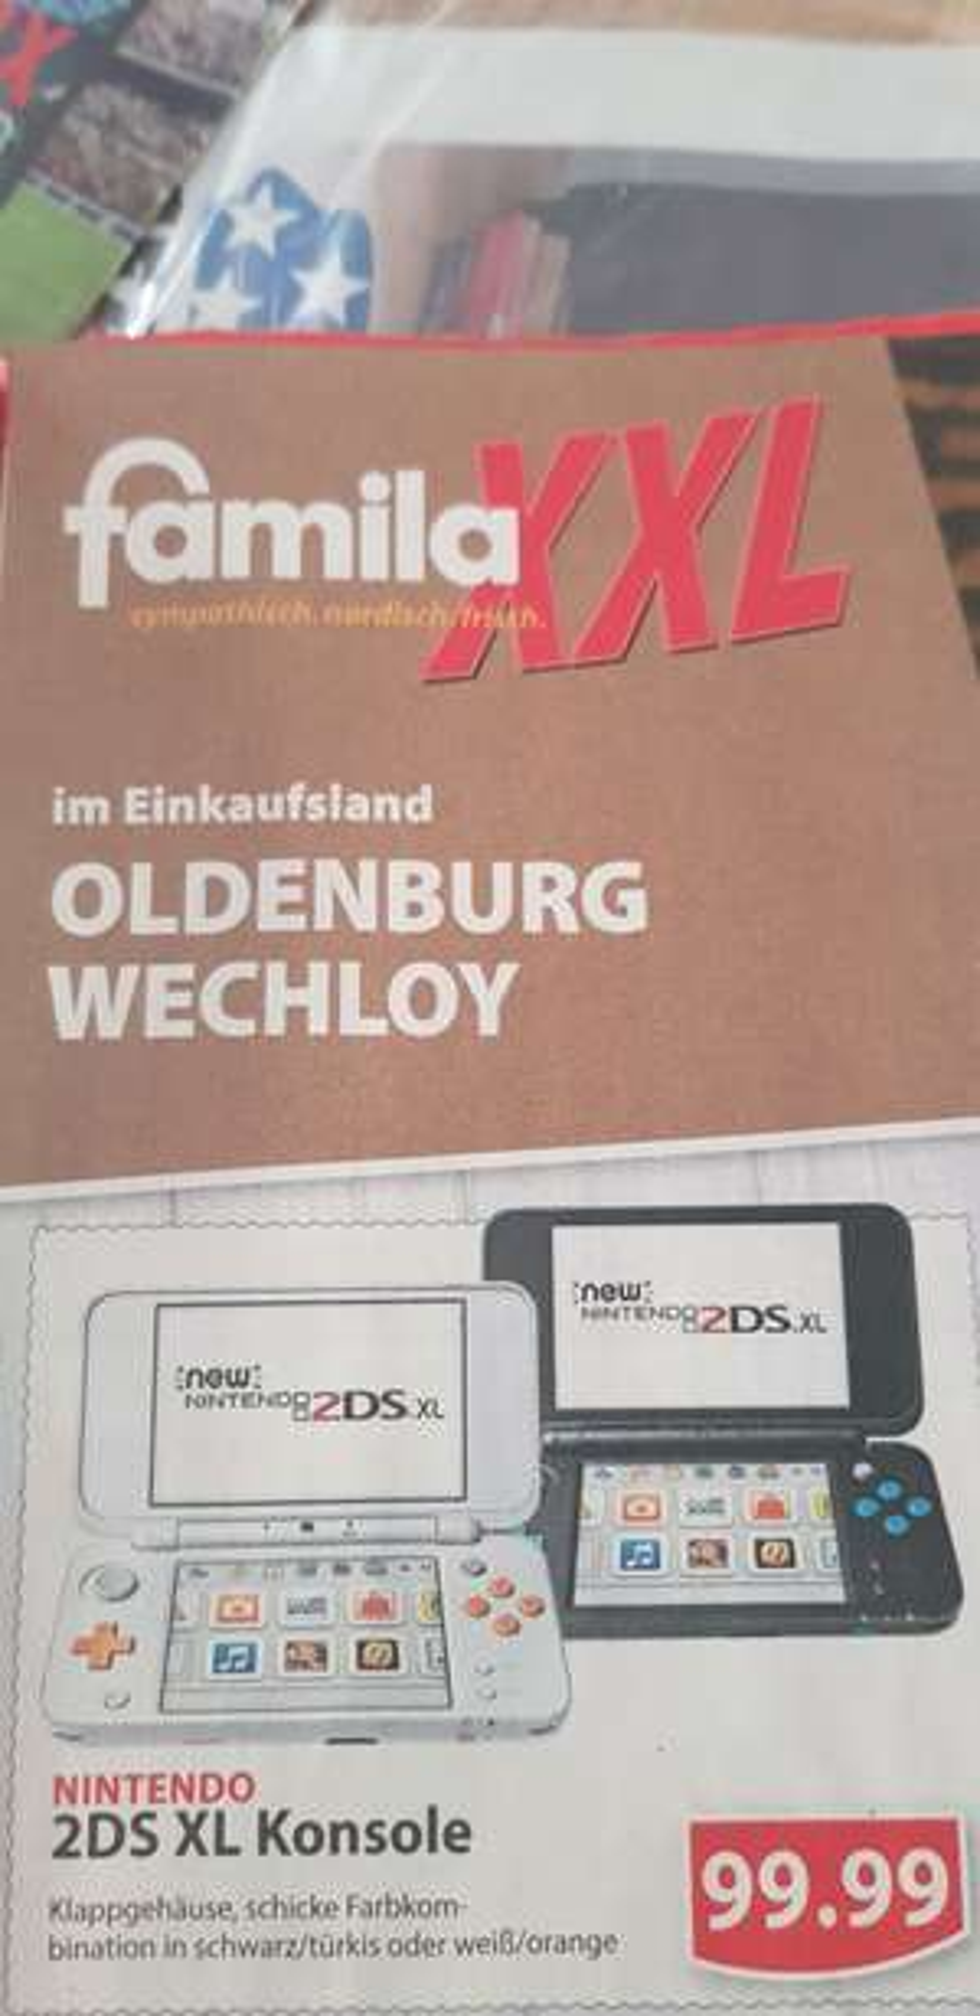 Lokal Oldenburg Wechloy Nintendo 2DS XL Famila XXL